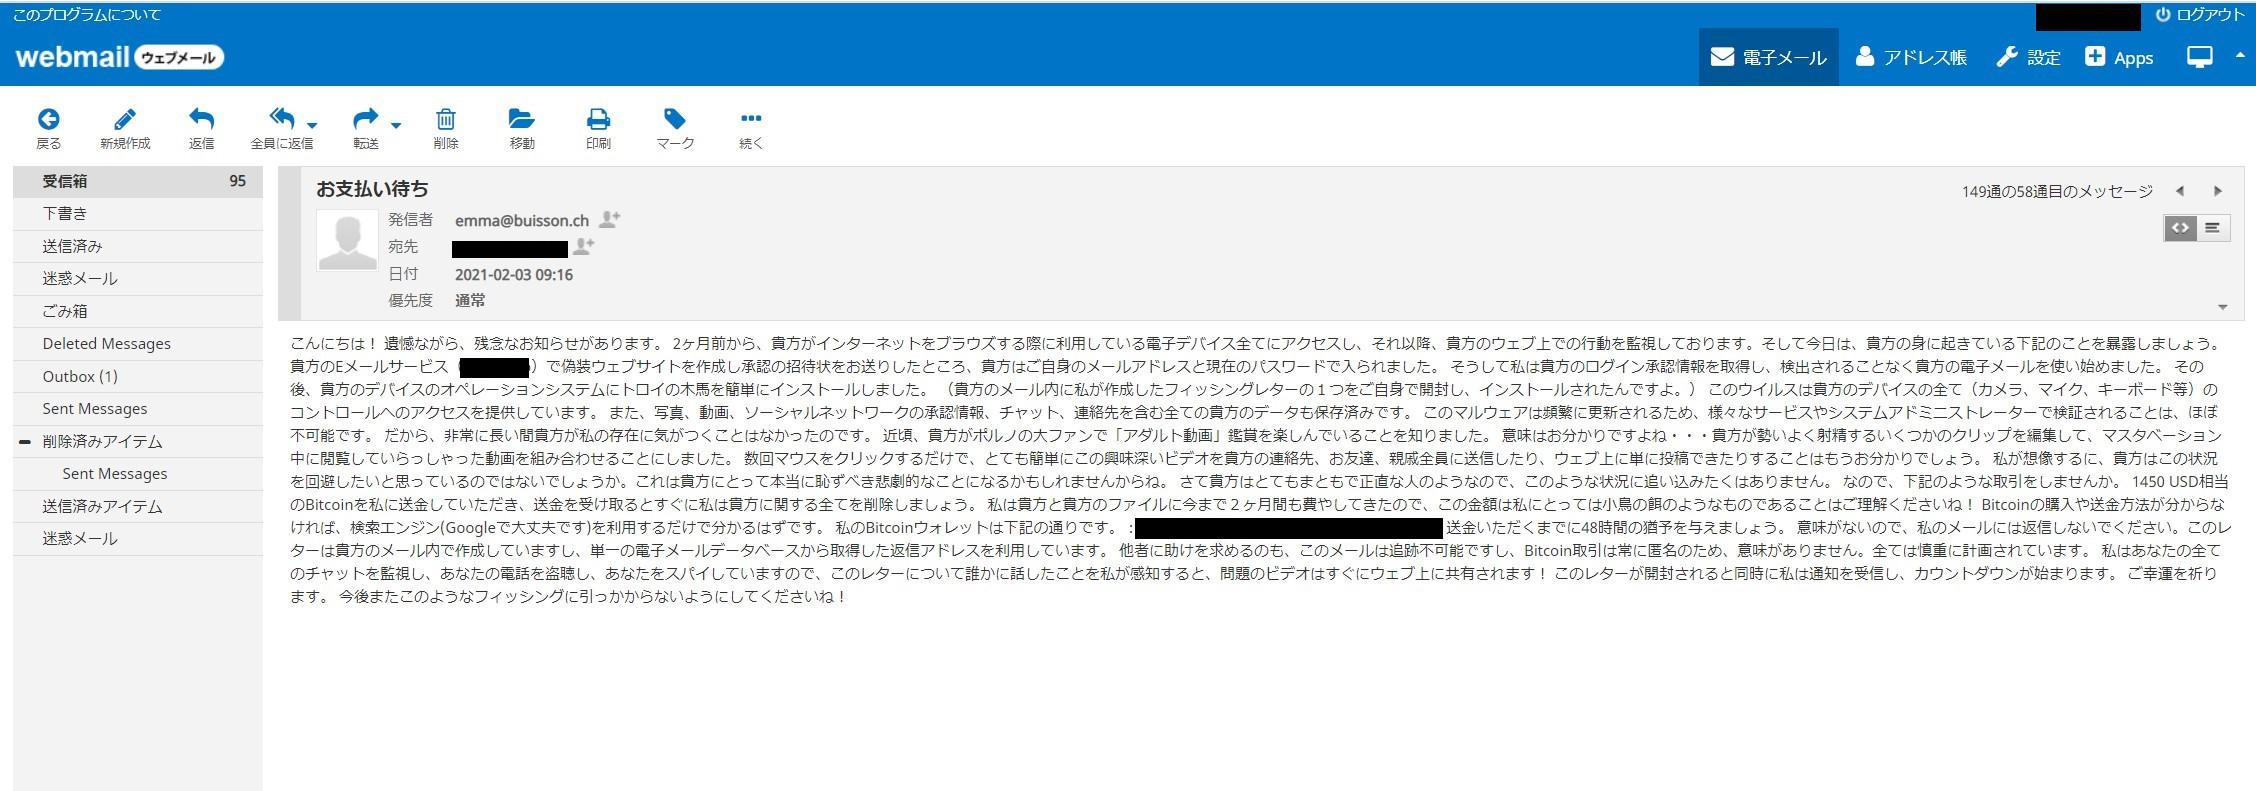 【詐欺】「お支払い待ち」という不審なメールが届いたときの対応方法【こんにちは! 遺憾ながら、残念なお知らせがあります。】